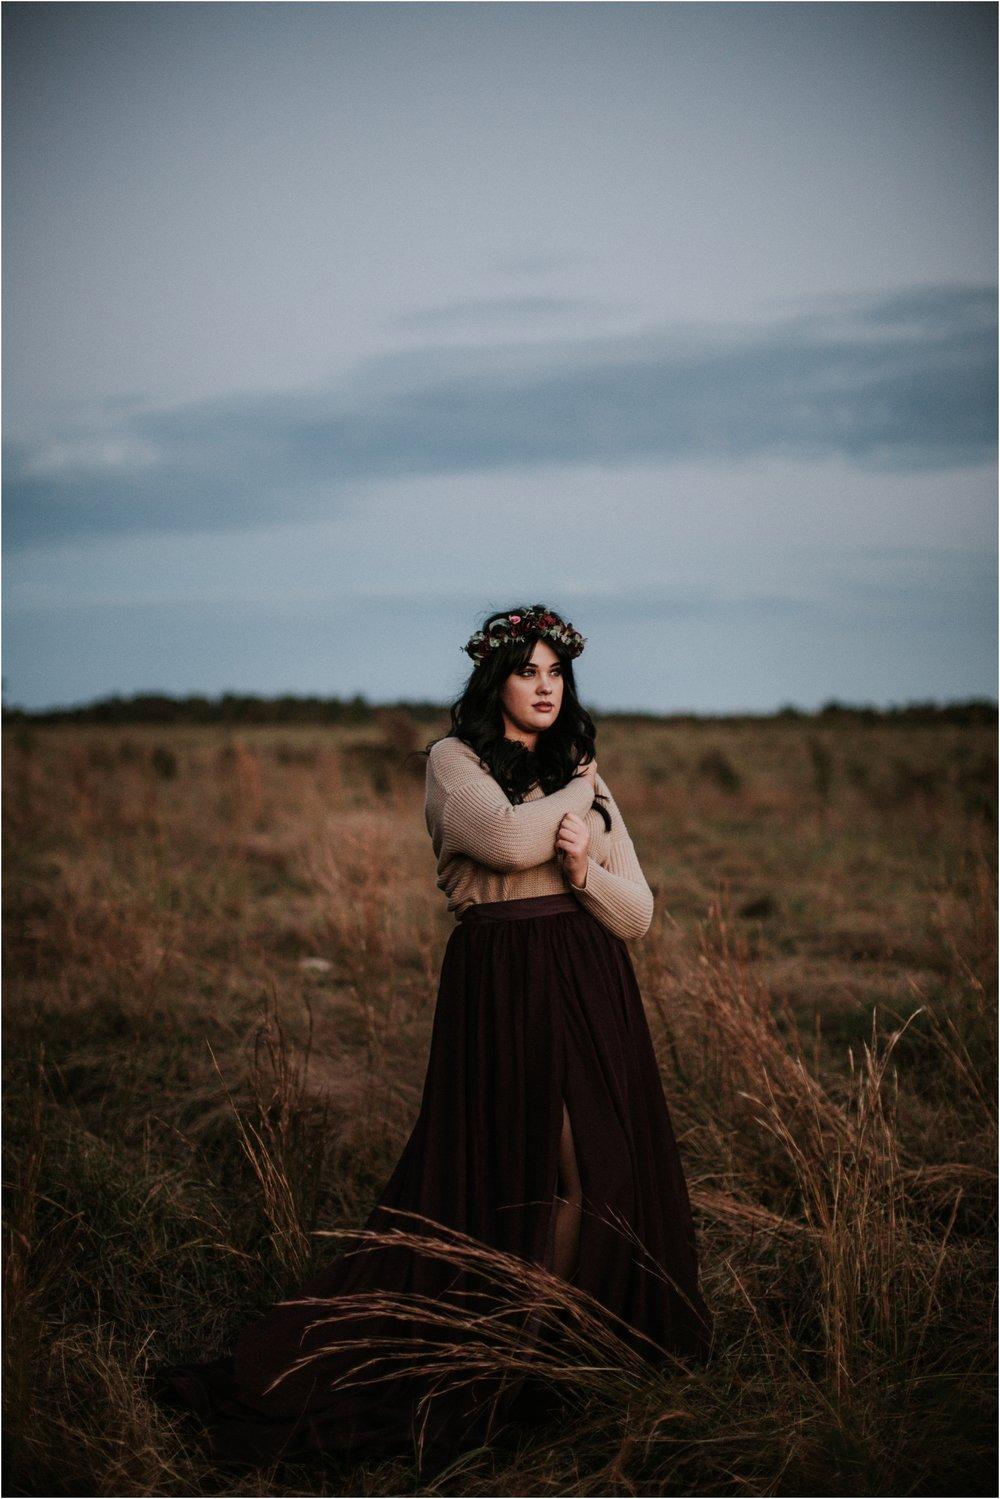 Morgan-Phillip-Avonne-Photography103.jpg